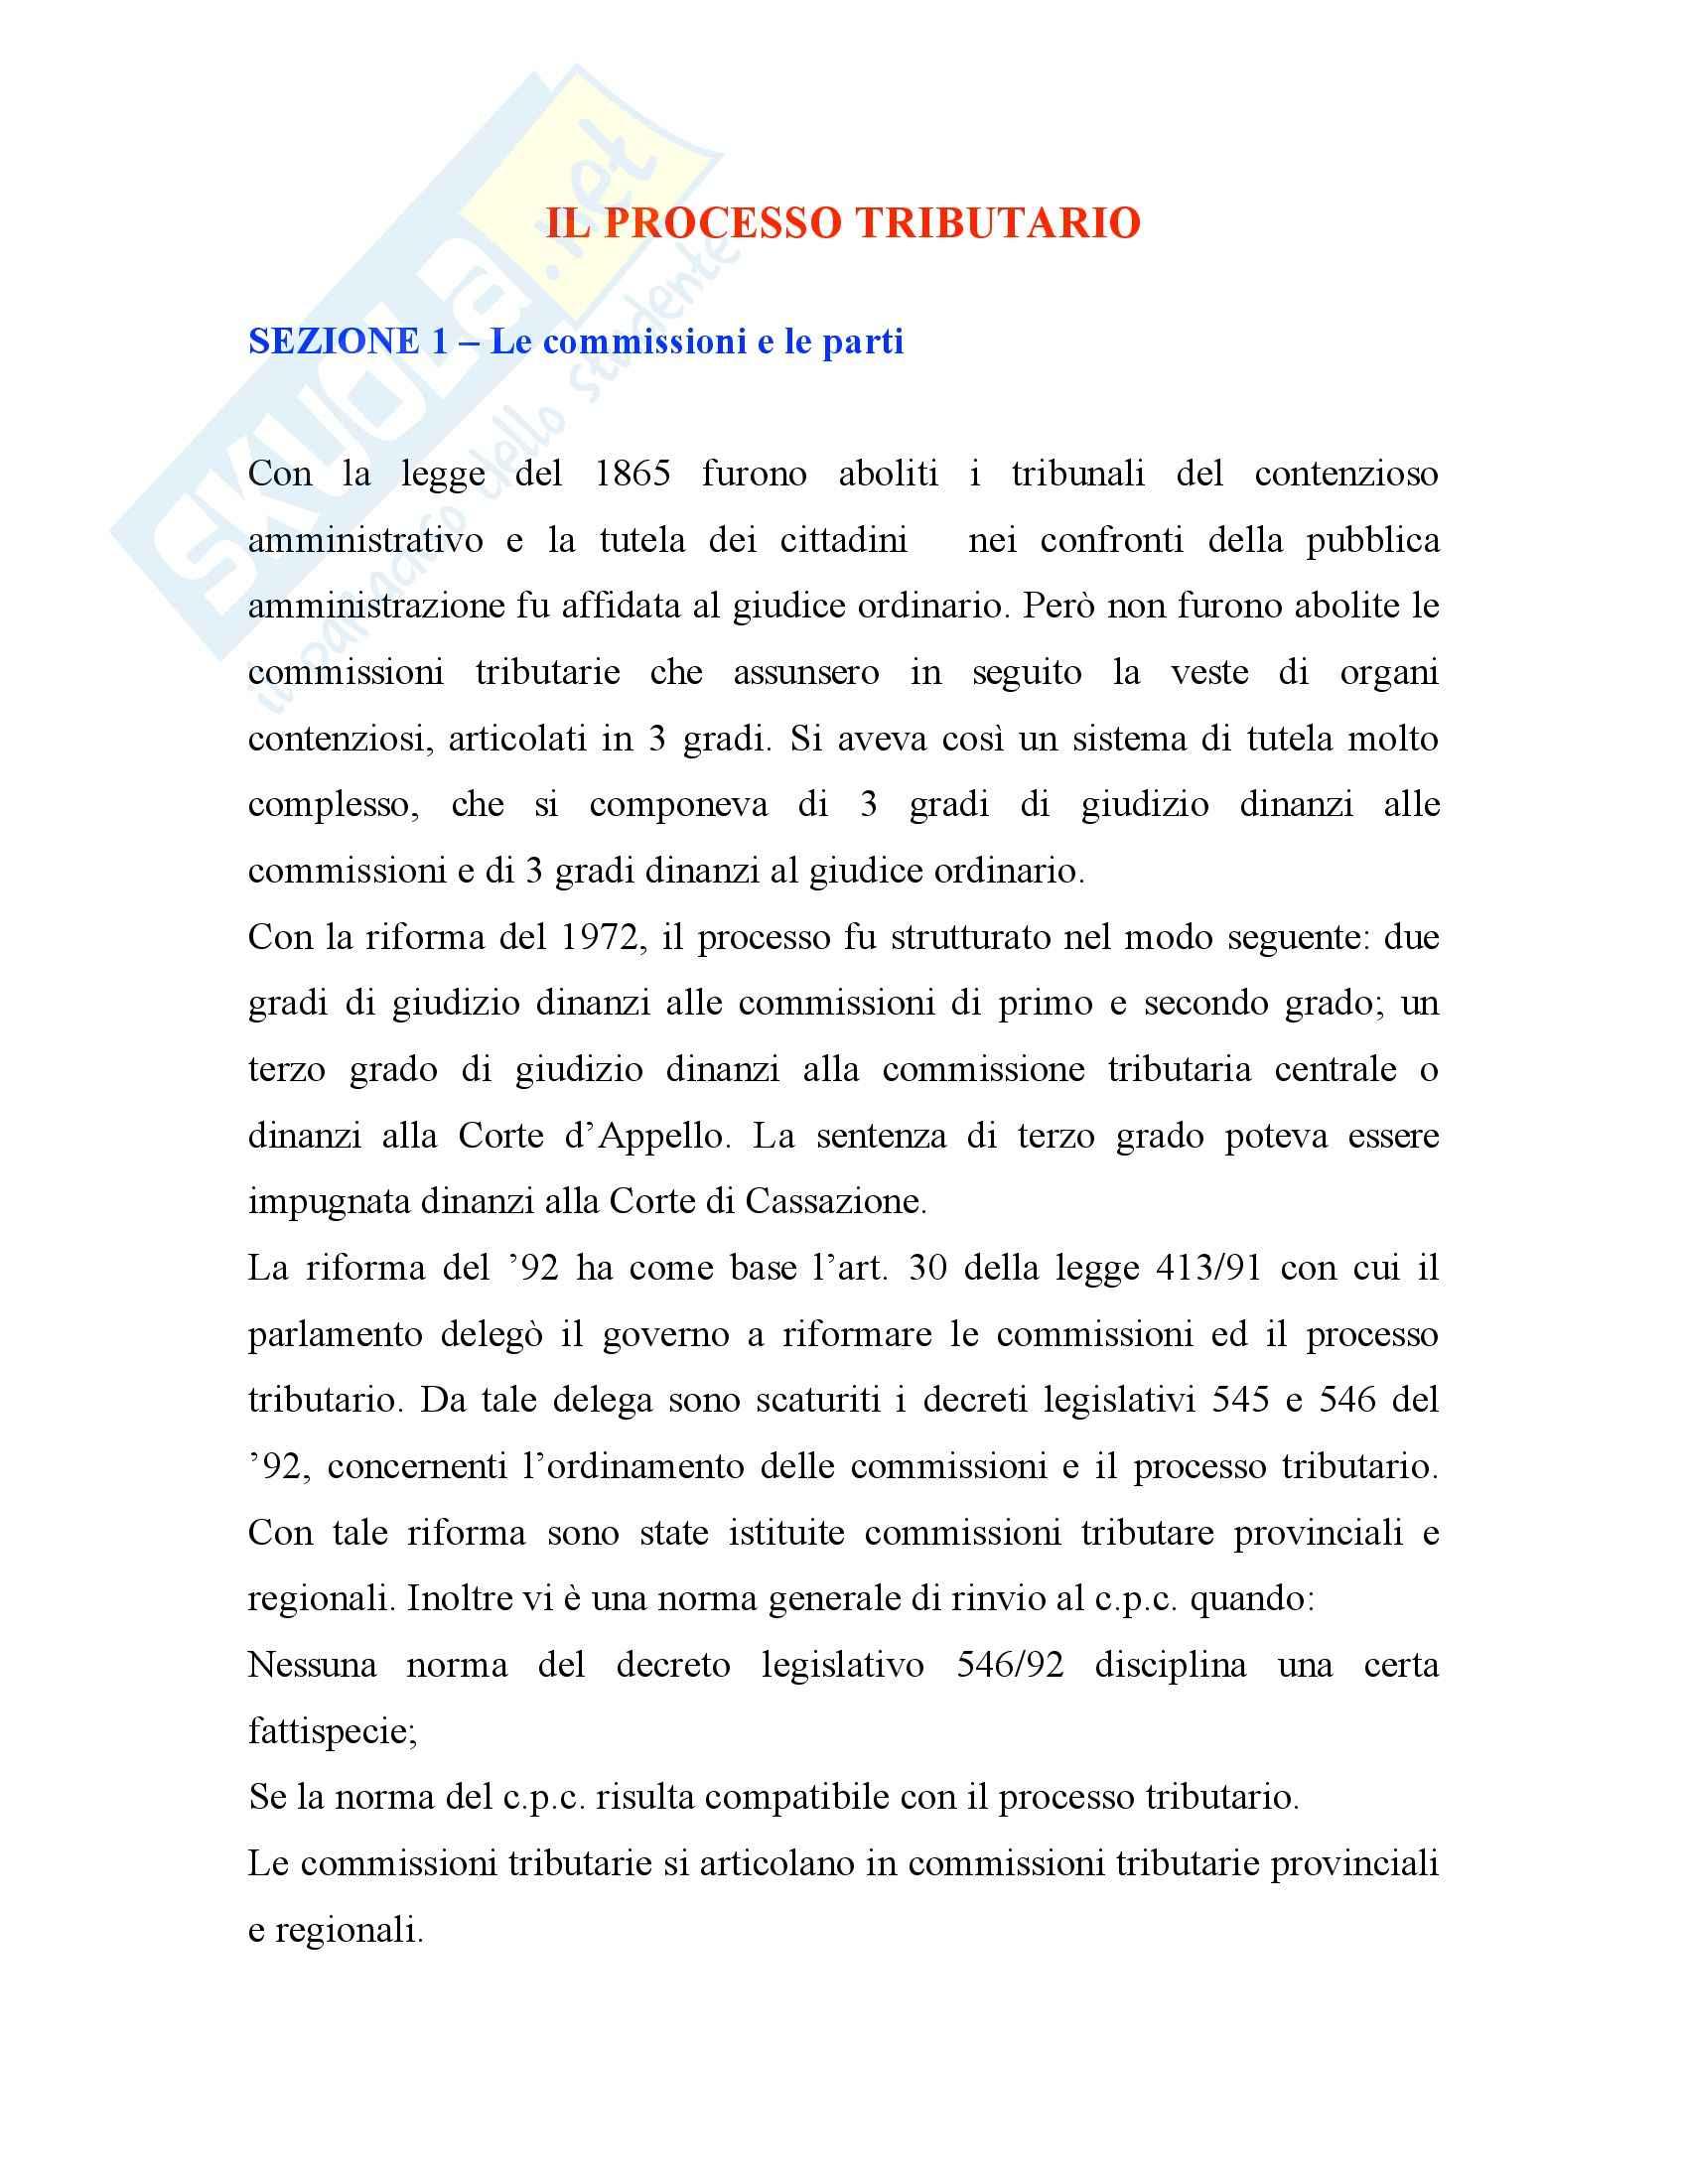 Diritto tributario - processo tributario - Tesauro - Appunti Pag. 1